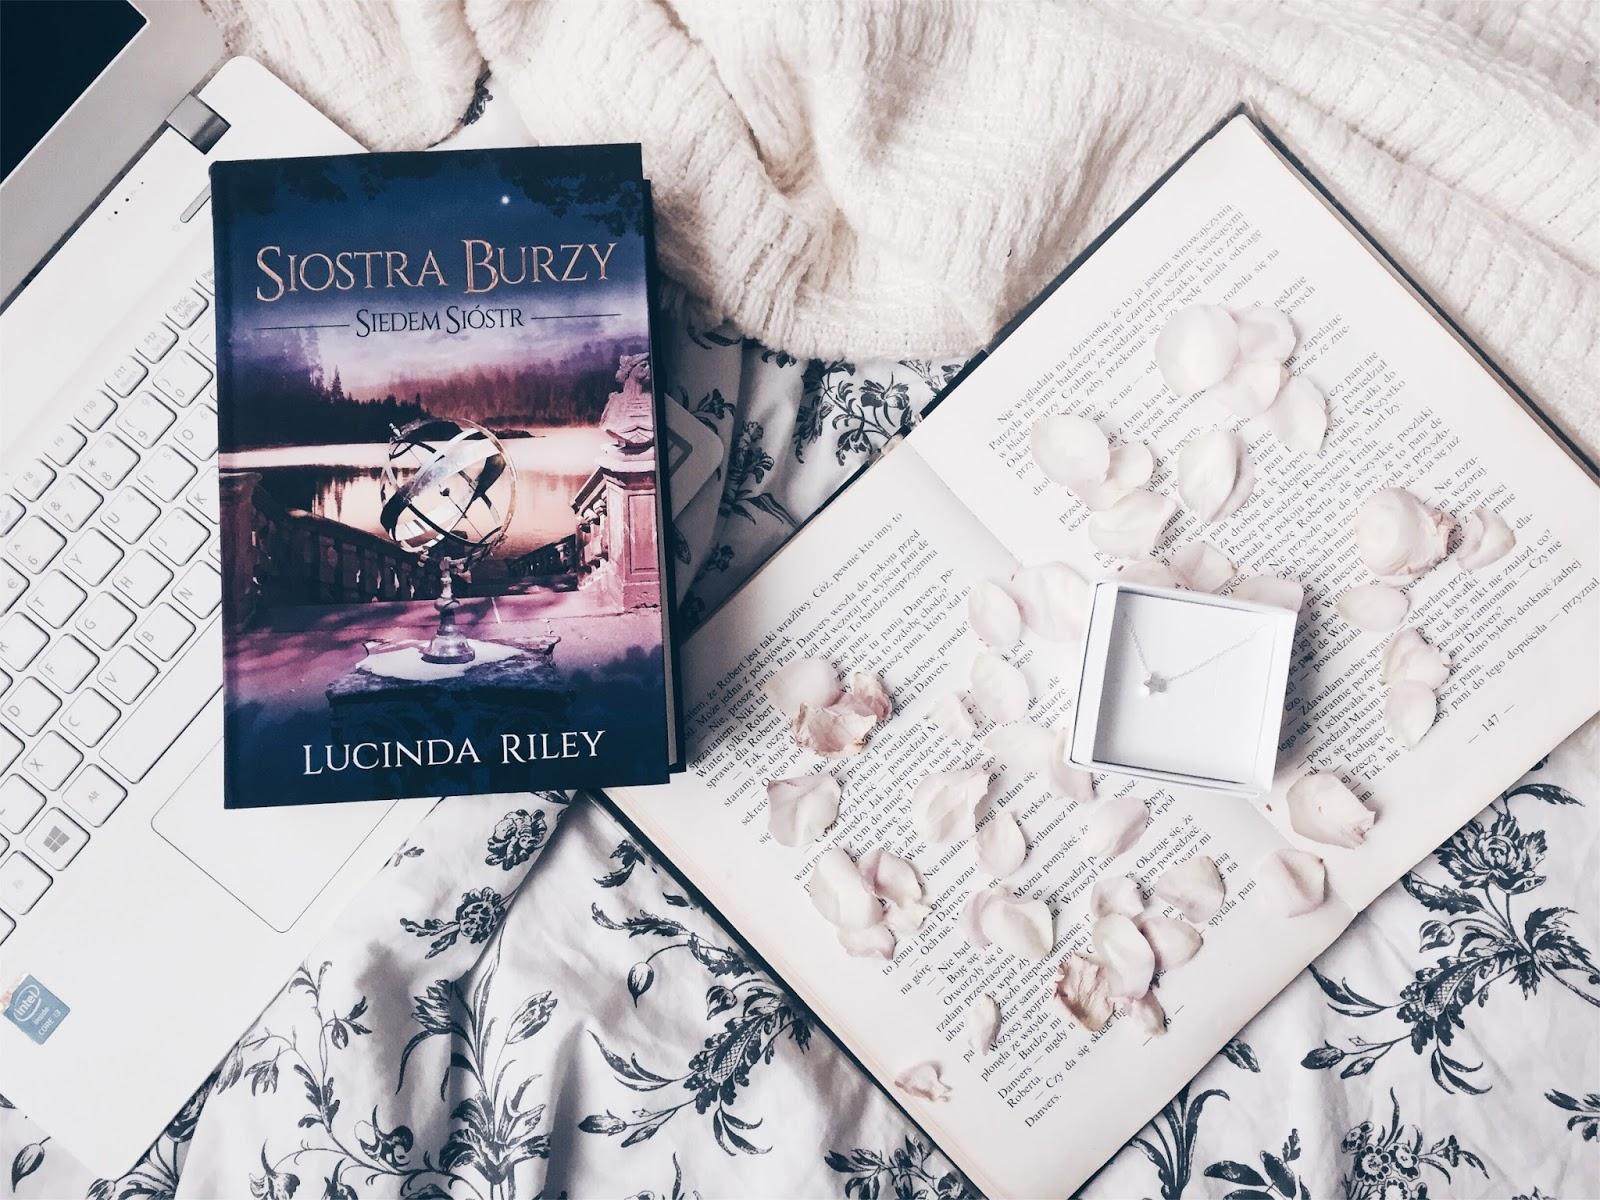 Siostra burzy, Lucinda Riley